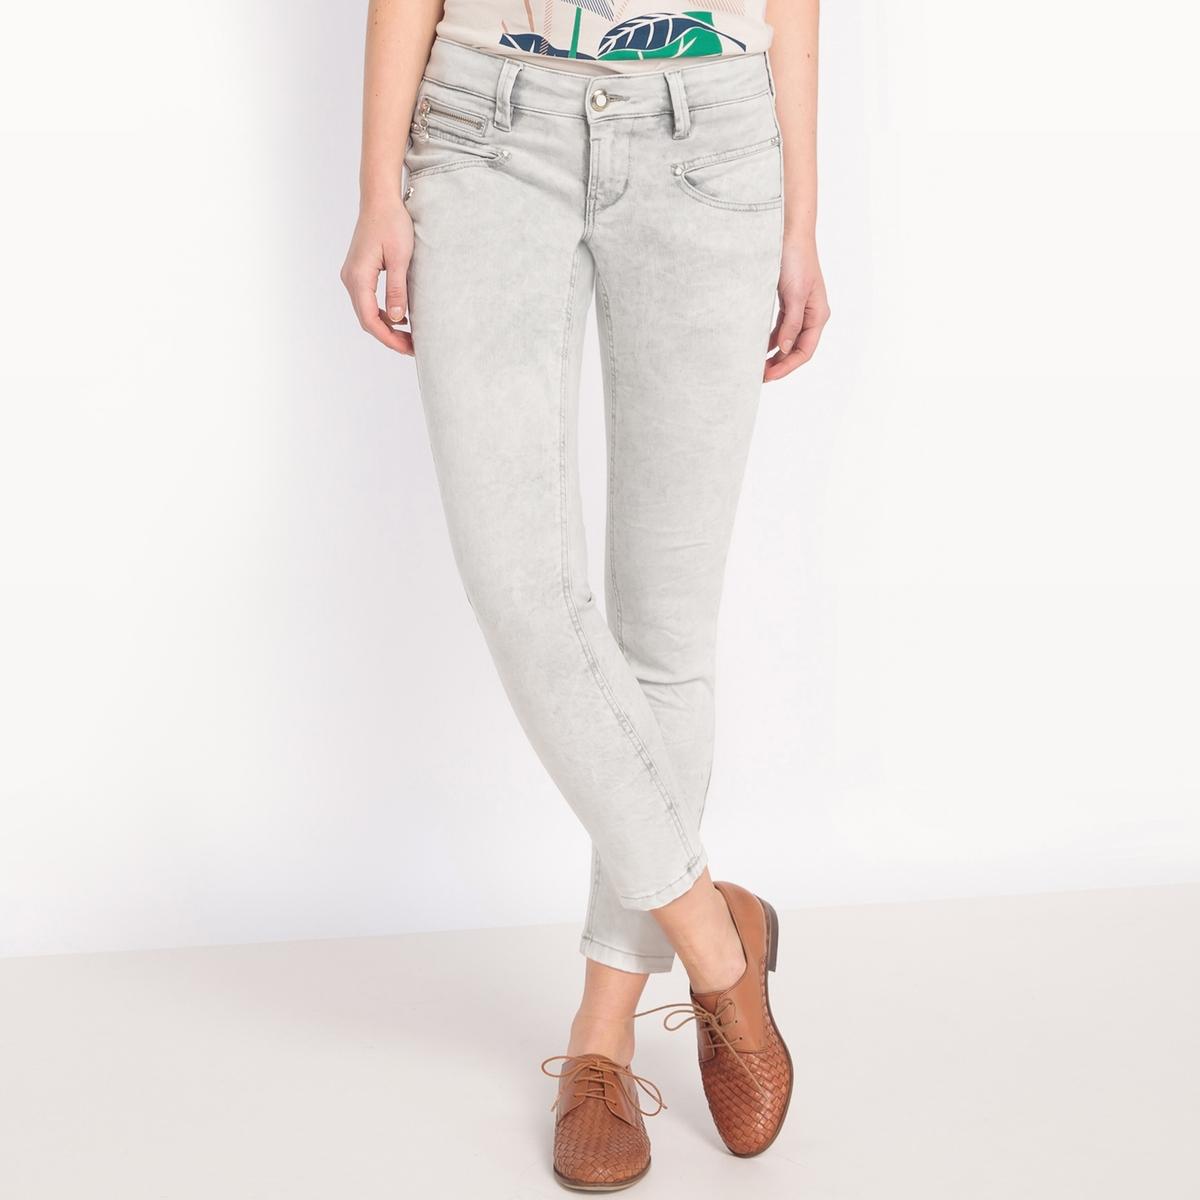 Джинсы ALEXA, укороченный очень узкий покрой, эластичный поясМатериал : 91% хлопка, 7% эластомультиэстера, 2% эластана                 Высота пояса : стандартная                Покрой джинсов : узкий                 Длина джинсов : длина 32<br><br>Цвет: белый